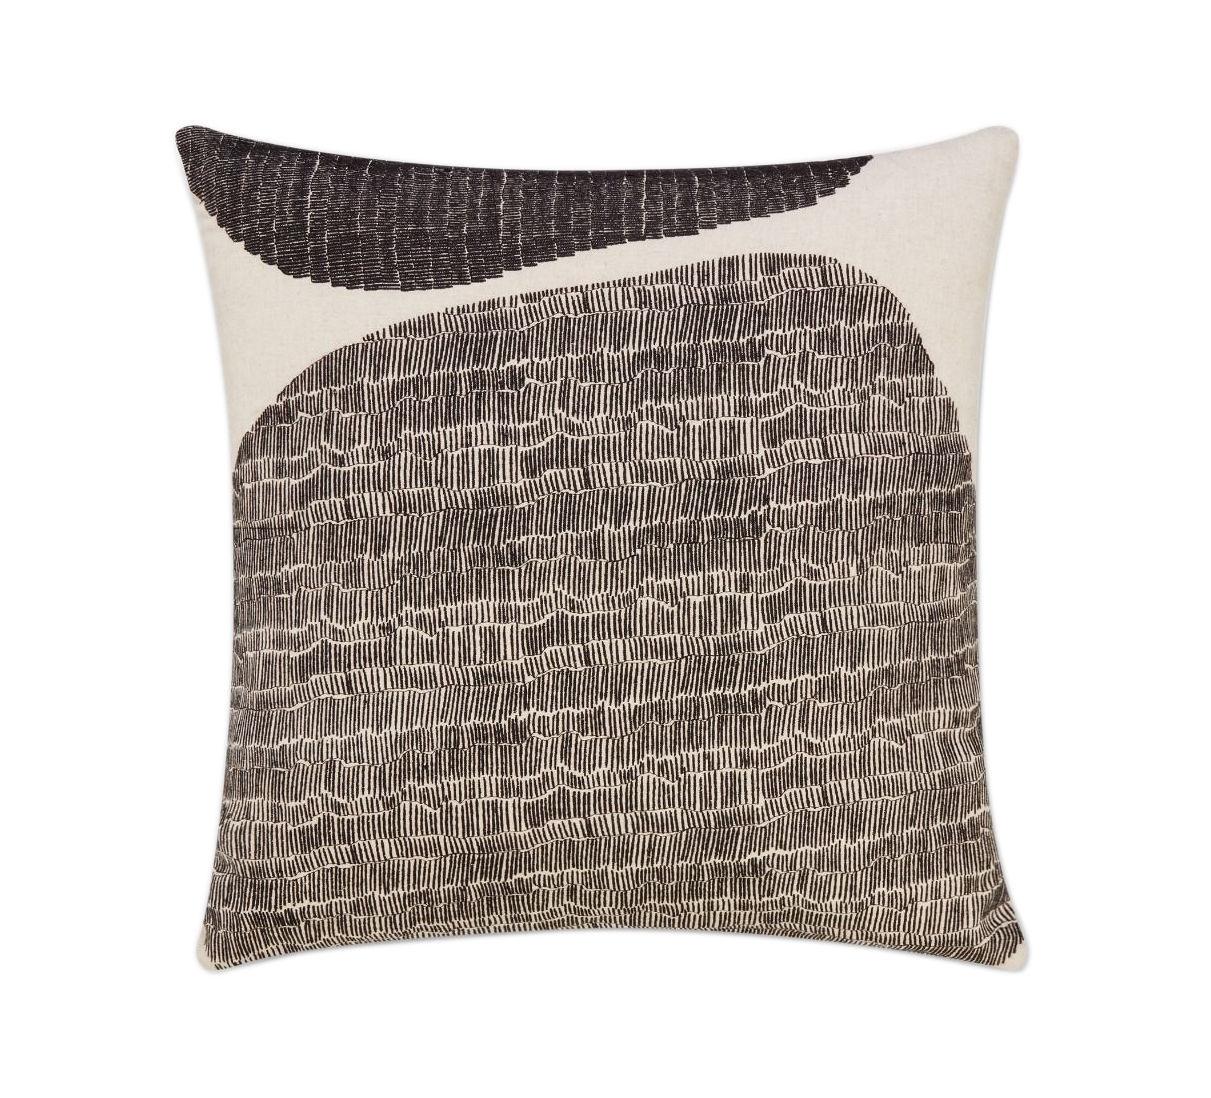 Déco - Coussins - Coussin Stitch / 60 x 60 cm - Brodé - Tom Dixon - Noir & beige - Coton, Plumes canard, Polyetser